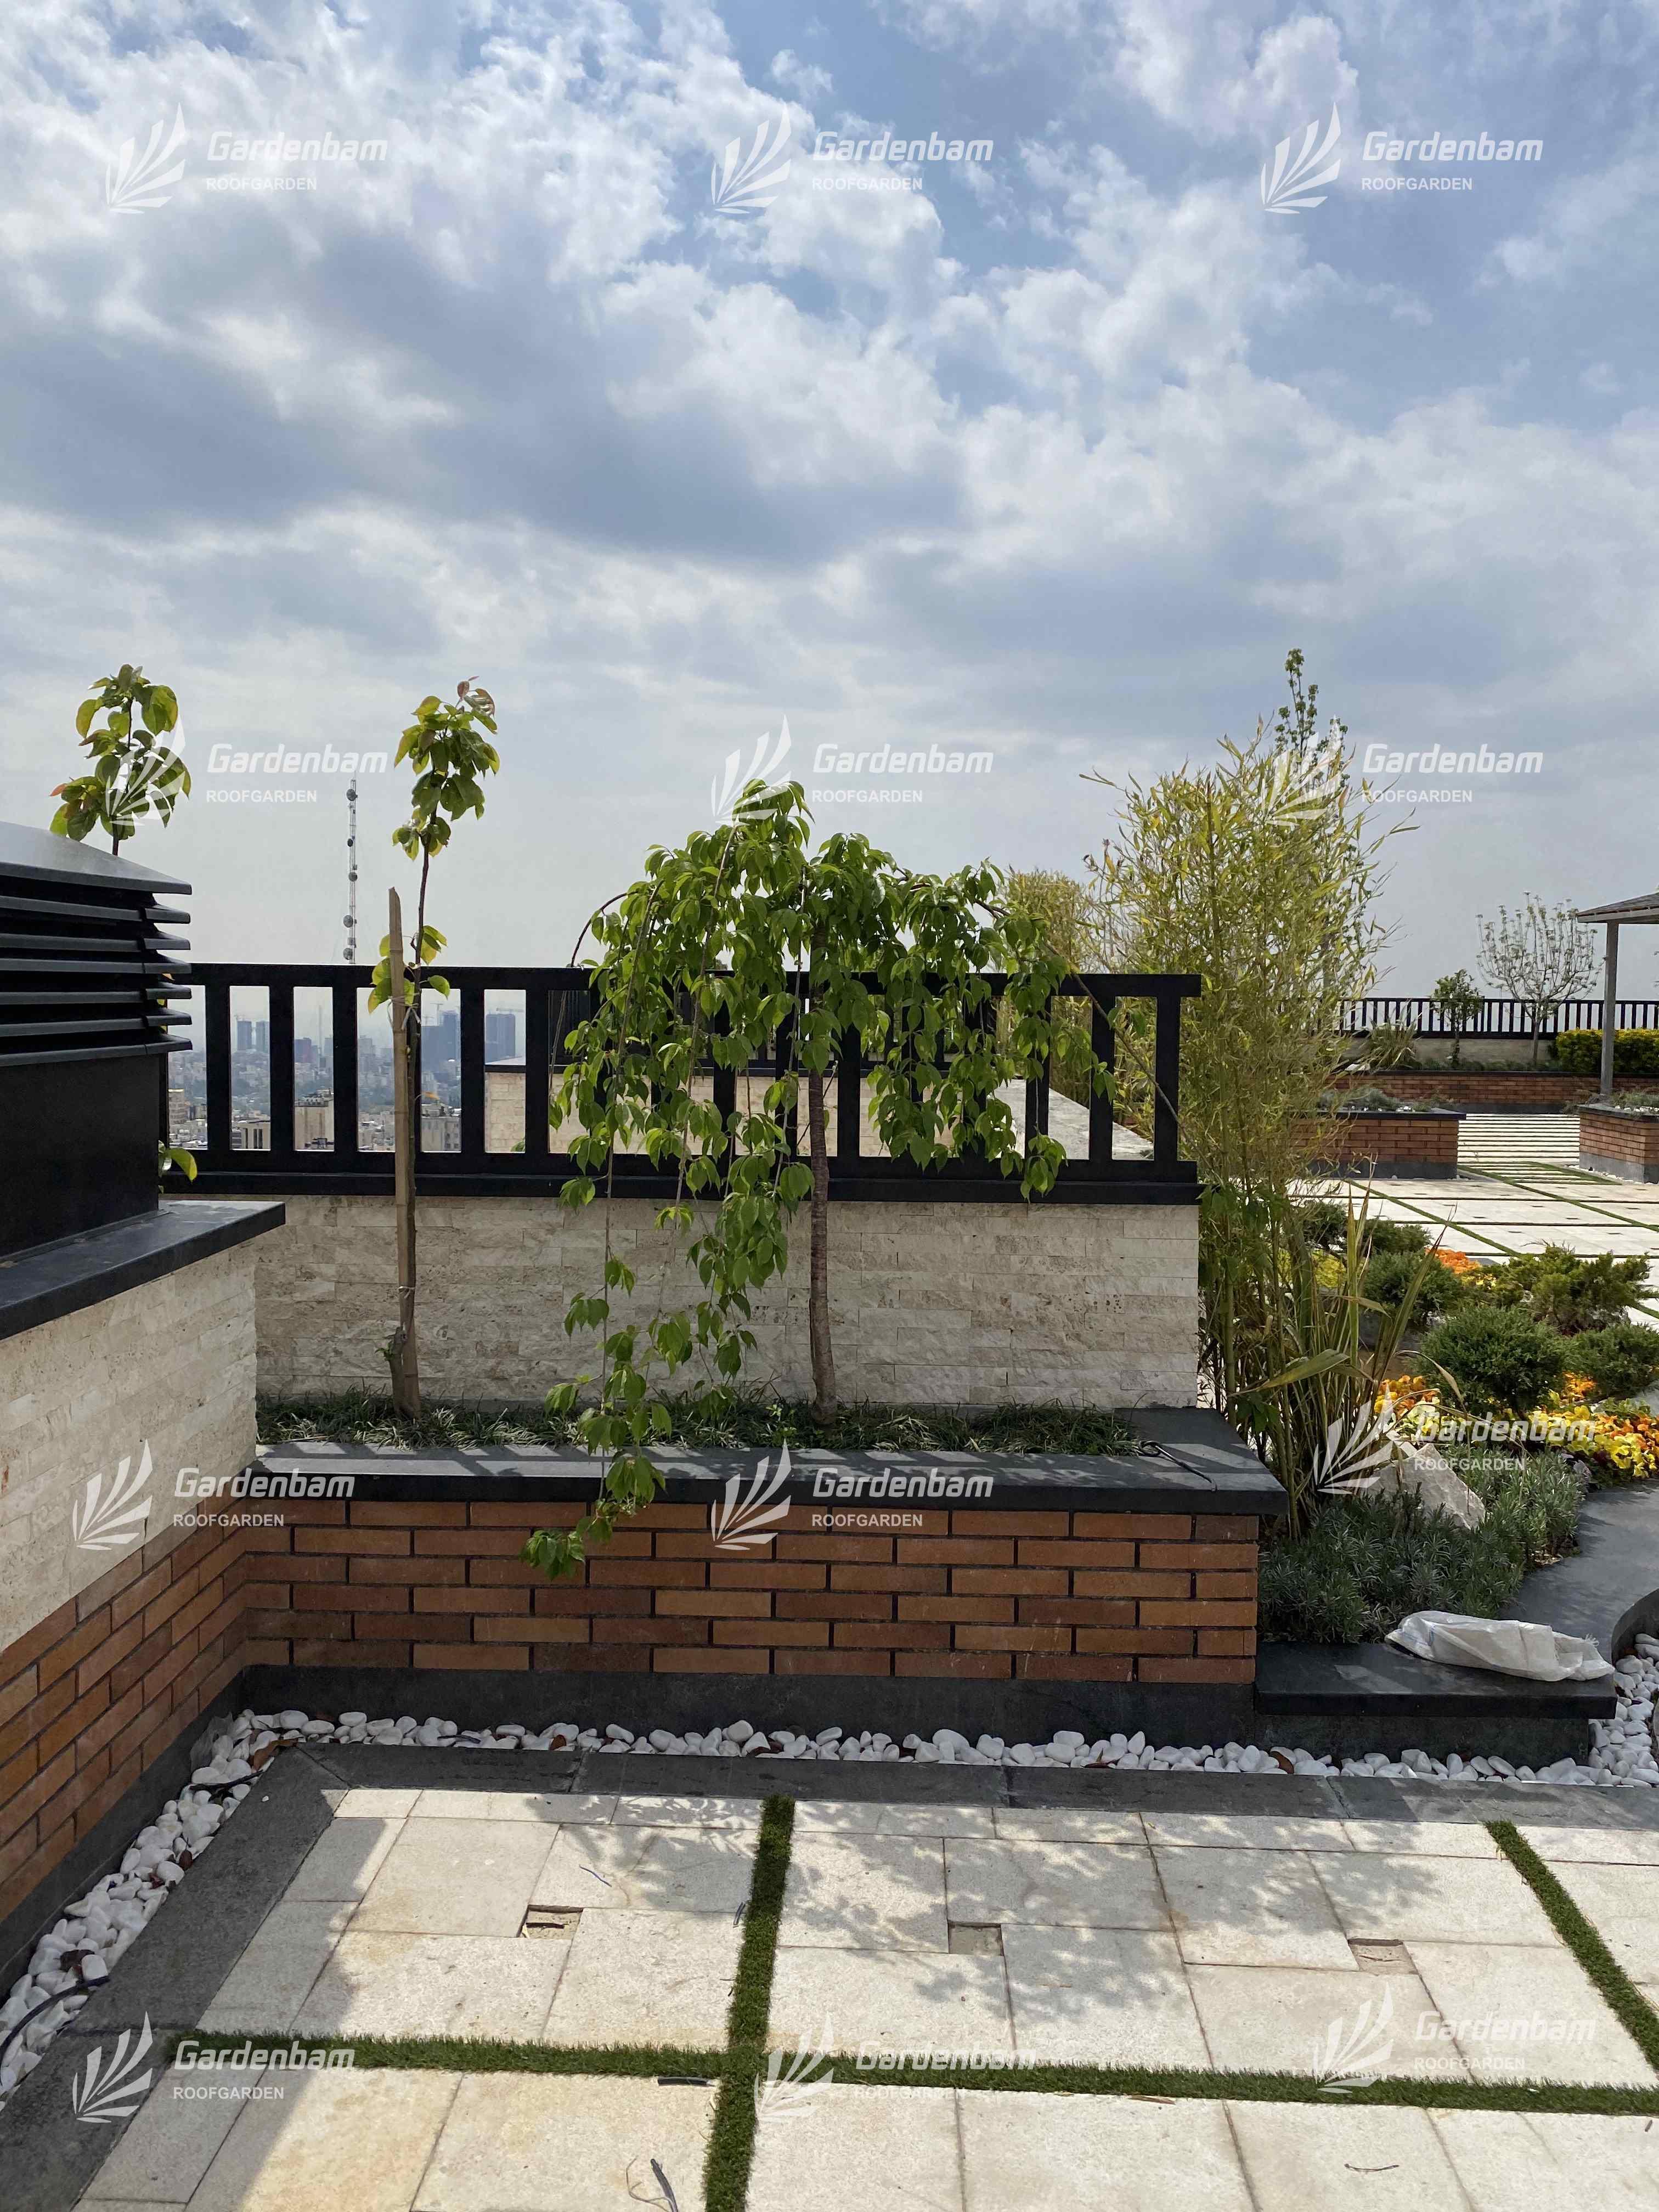 باغ بام | روف گاردن | پروژه بام سبز شرکت گاردن بام-سعادت اباد